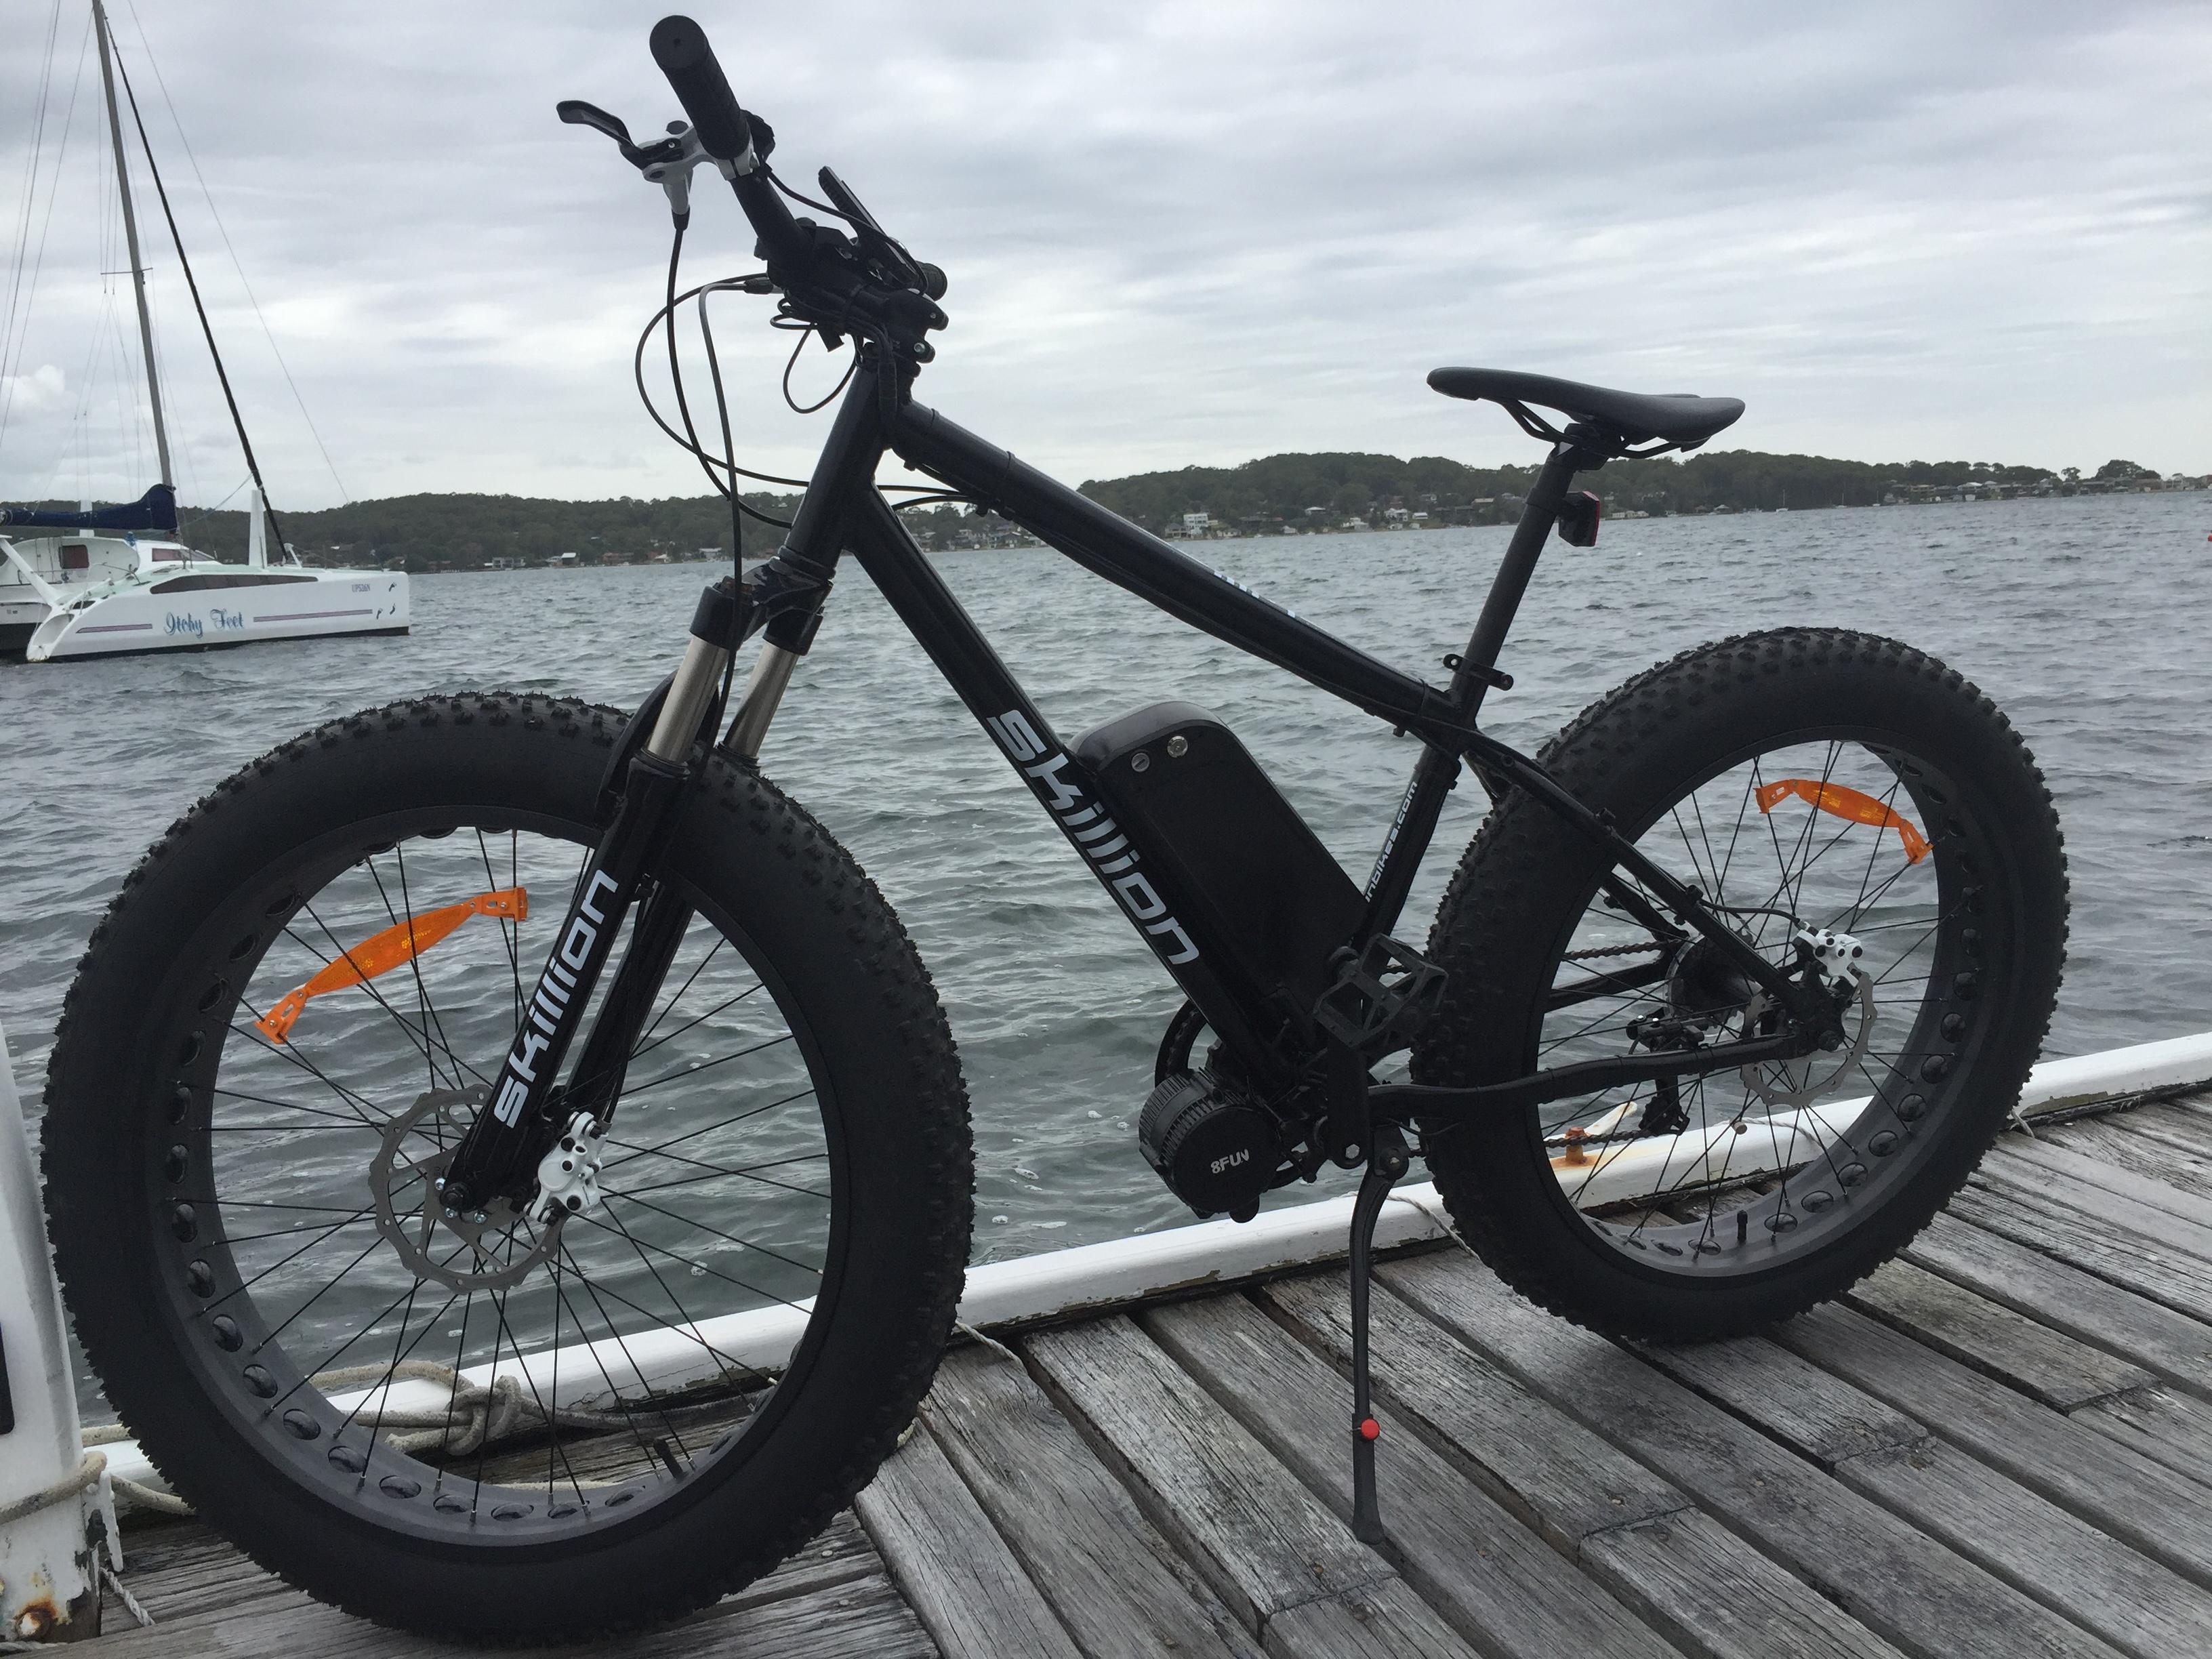 Skillion X on jetty